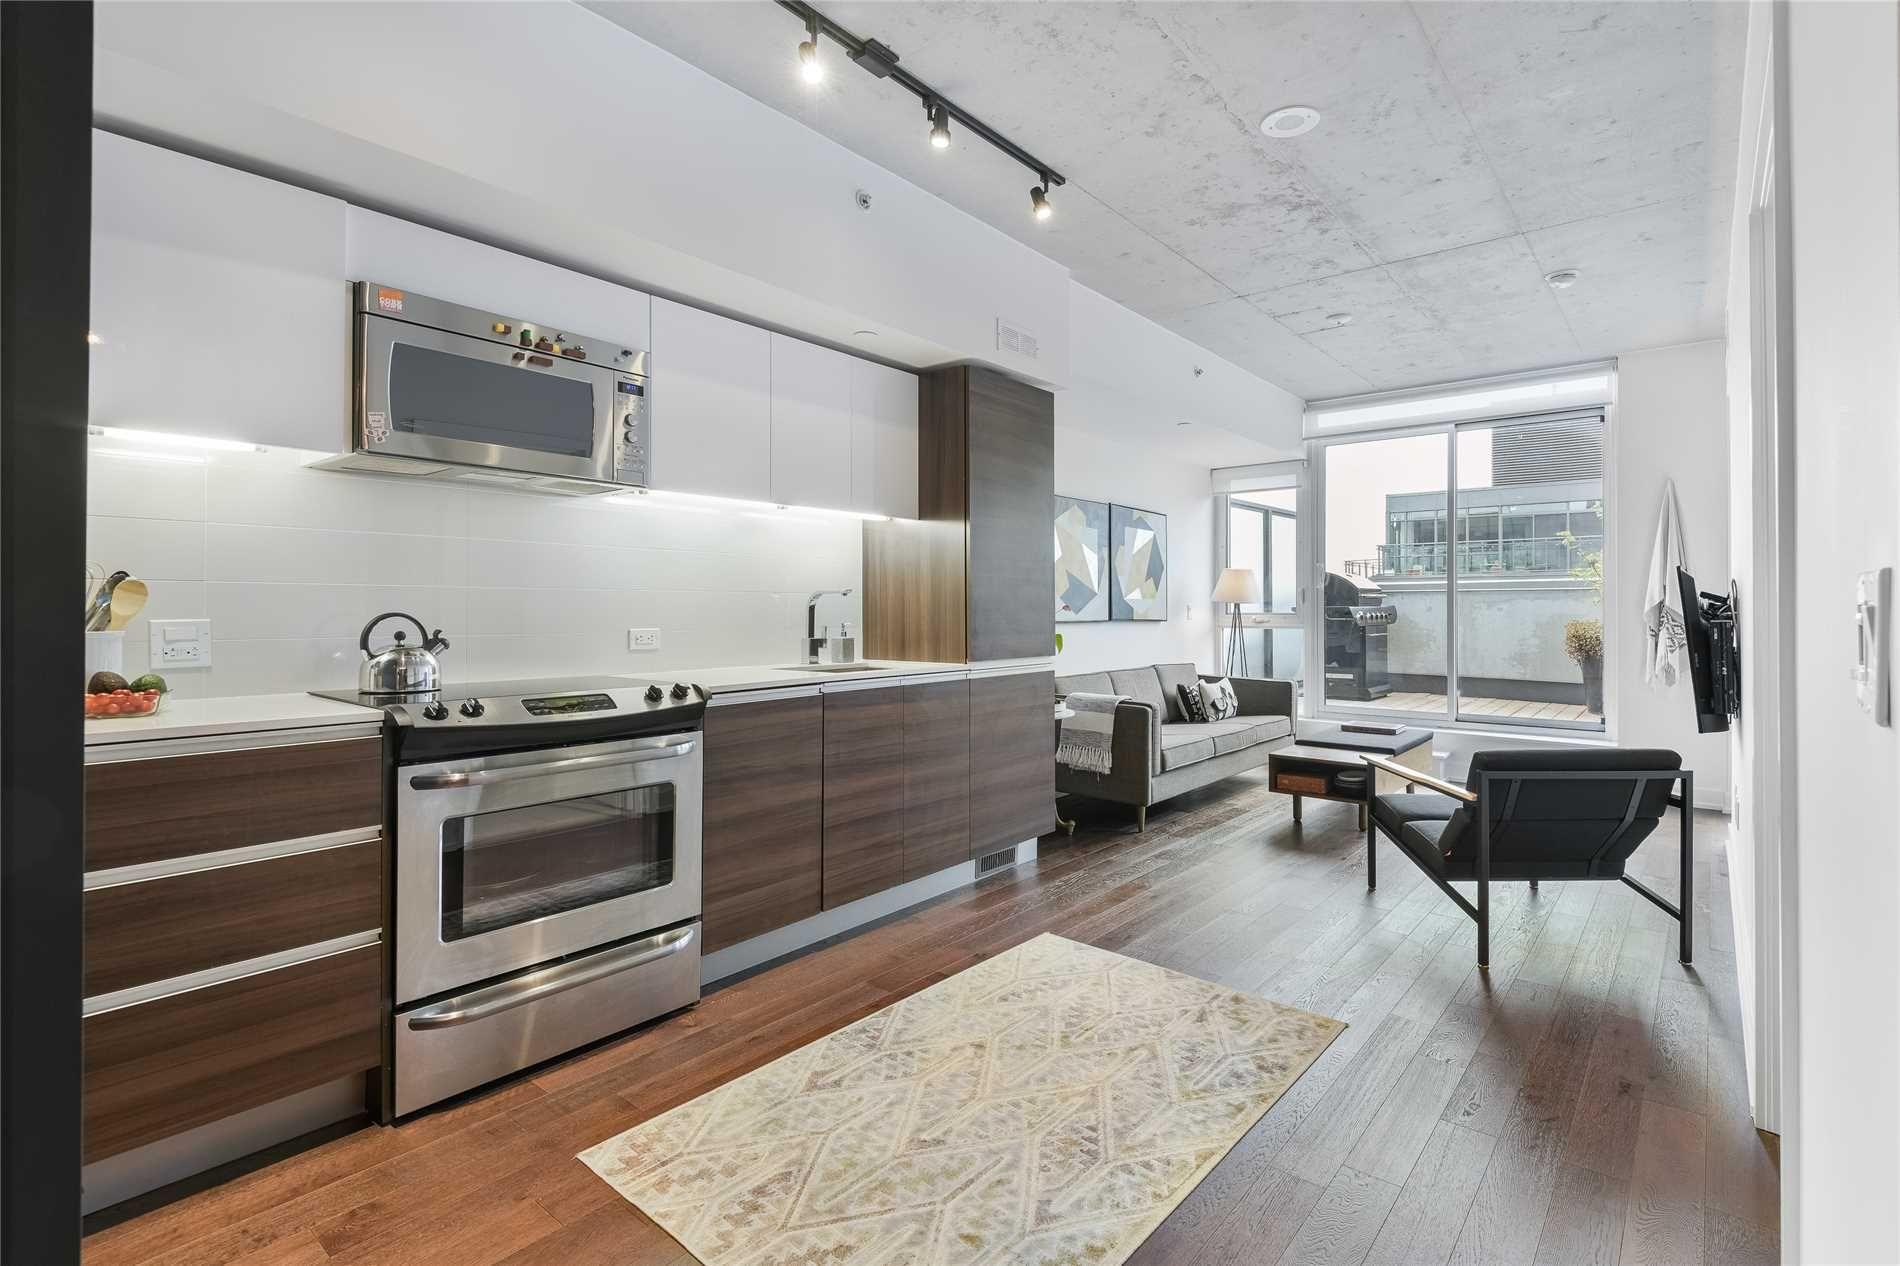 Photo 3: Photos: 910 1190 E Dundas Street in Toronto: South Riverdale Condo for sale (Toronto E01)  : MLS®# E4496416